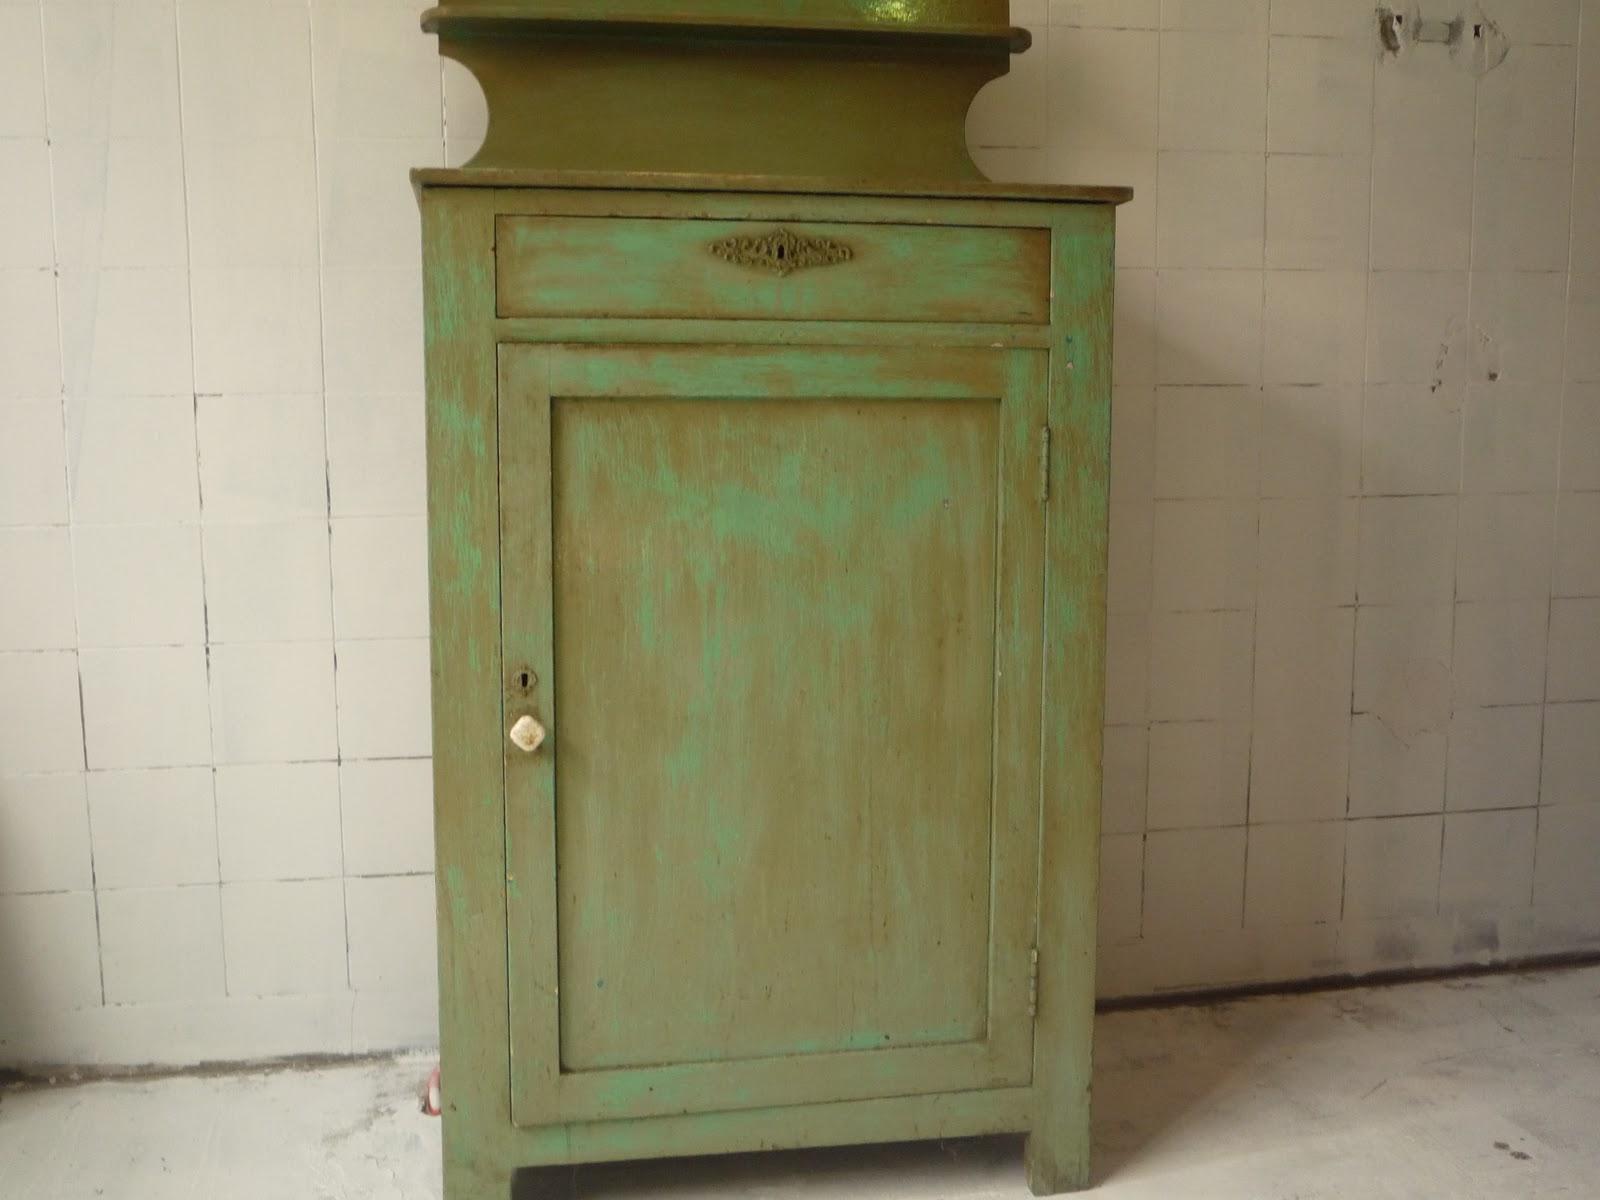 Compra venta y restauraci n de muebles antiguo aparador - Compra venta muebles antiguos ...